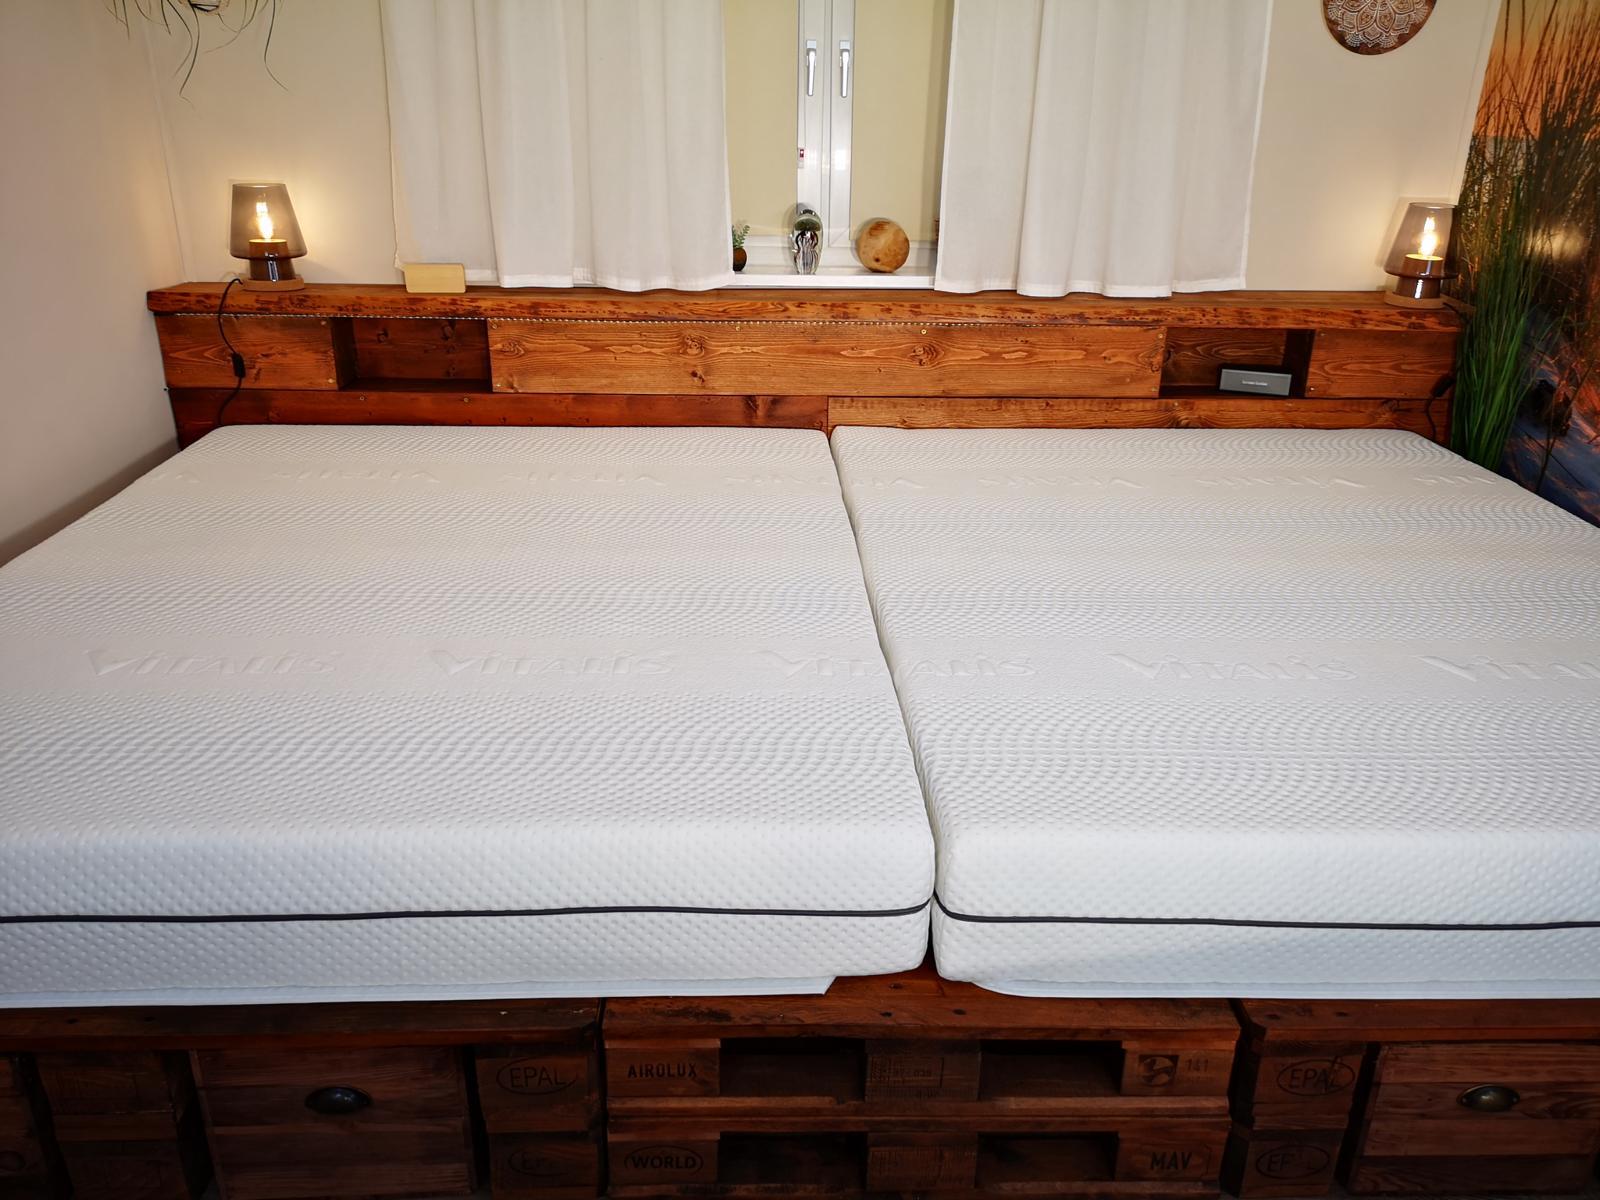 Full Size of Palettenbett Selber Bauen Kaufen Europaletten Betten Kopfteil Bett Einbauküche Machen Neue Fenster Einbauen Bodengleiche Dusche Nachträglich Küche Planen Wohnzimmer Palettenbett Selber Bauen